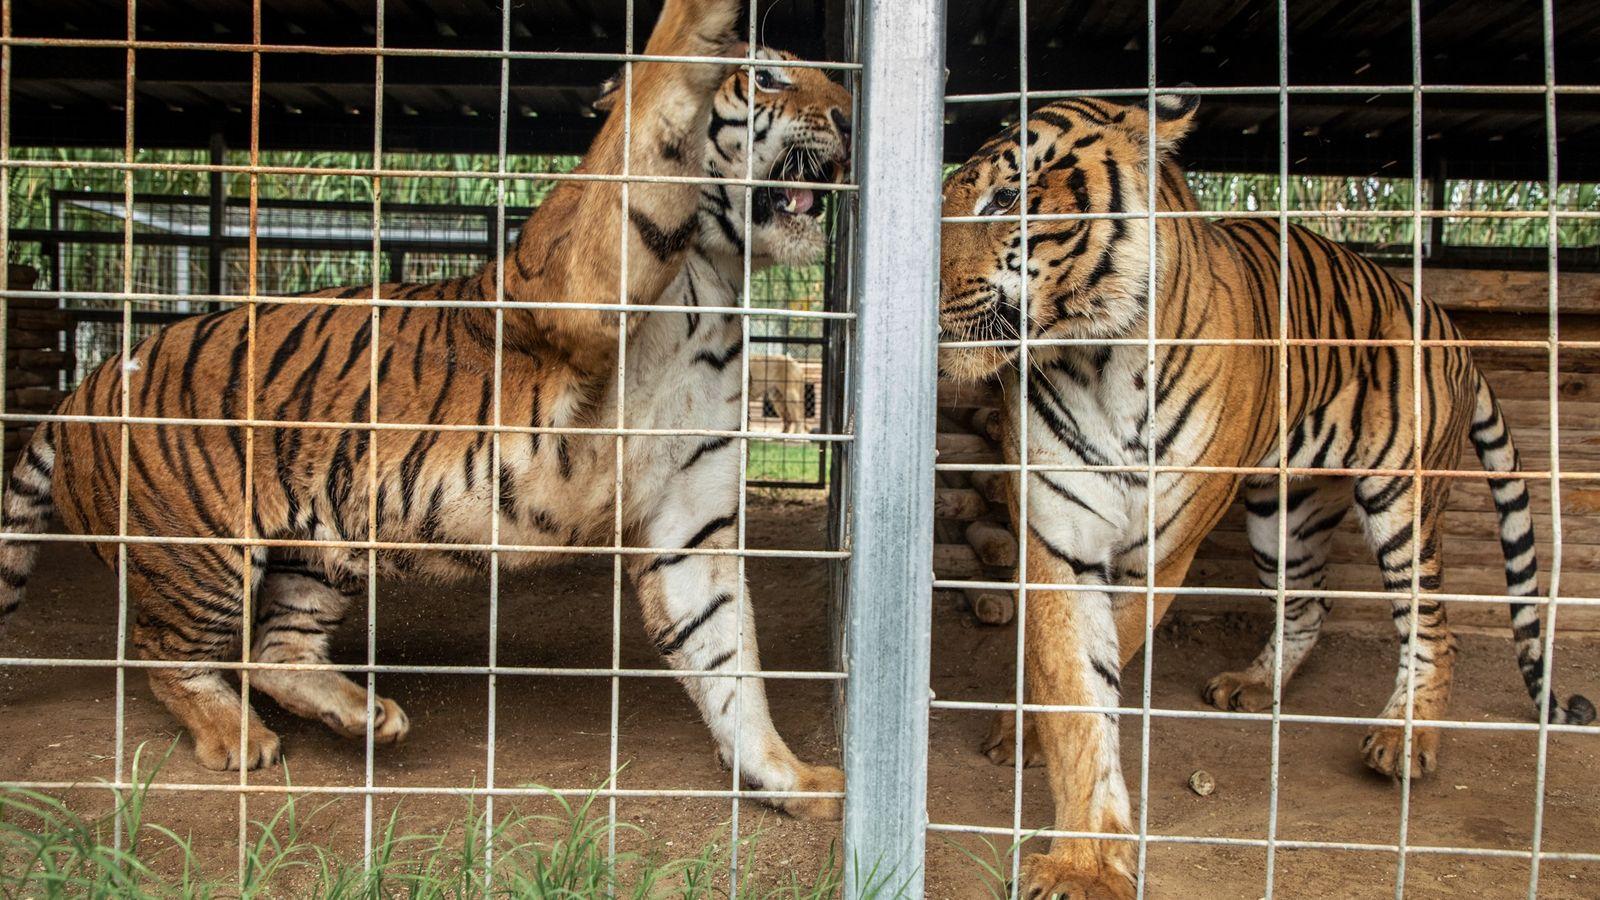 Dos tigres en el Parque de Animales Exóticos de Greater Wynnewood